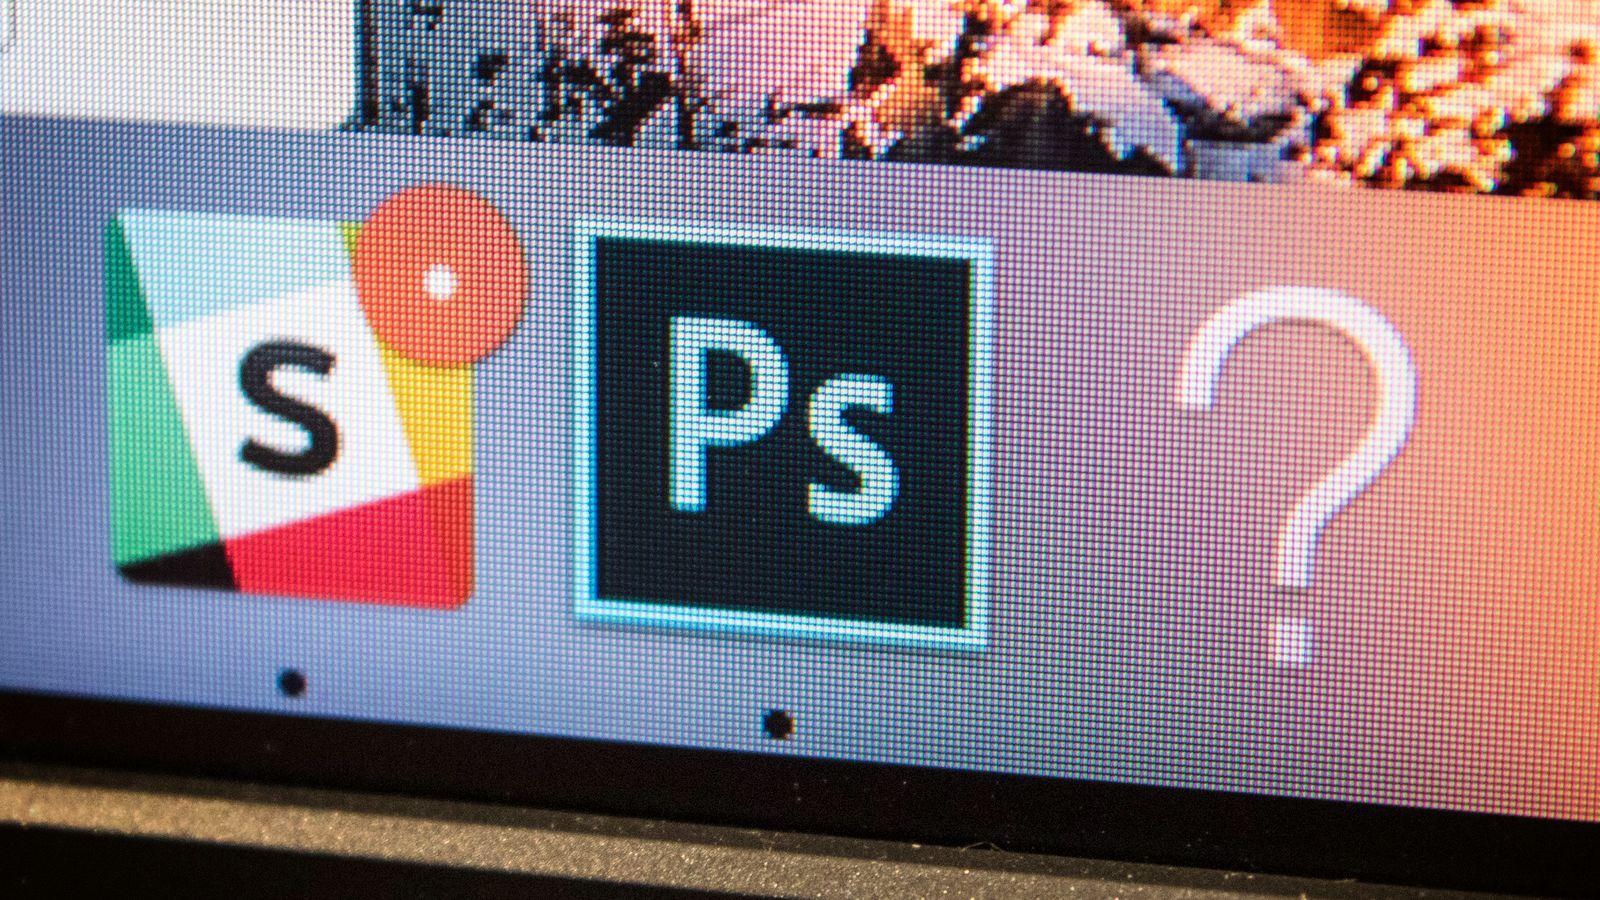 Snart skal det bli enklere å spore redigerte bilder